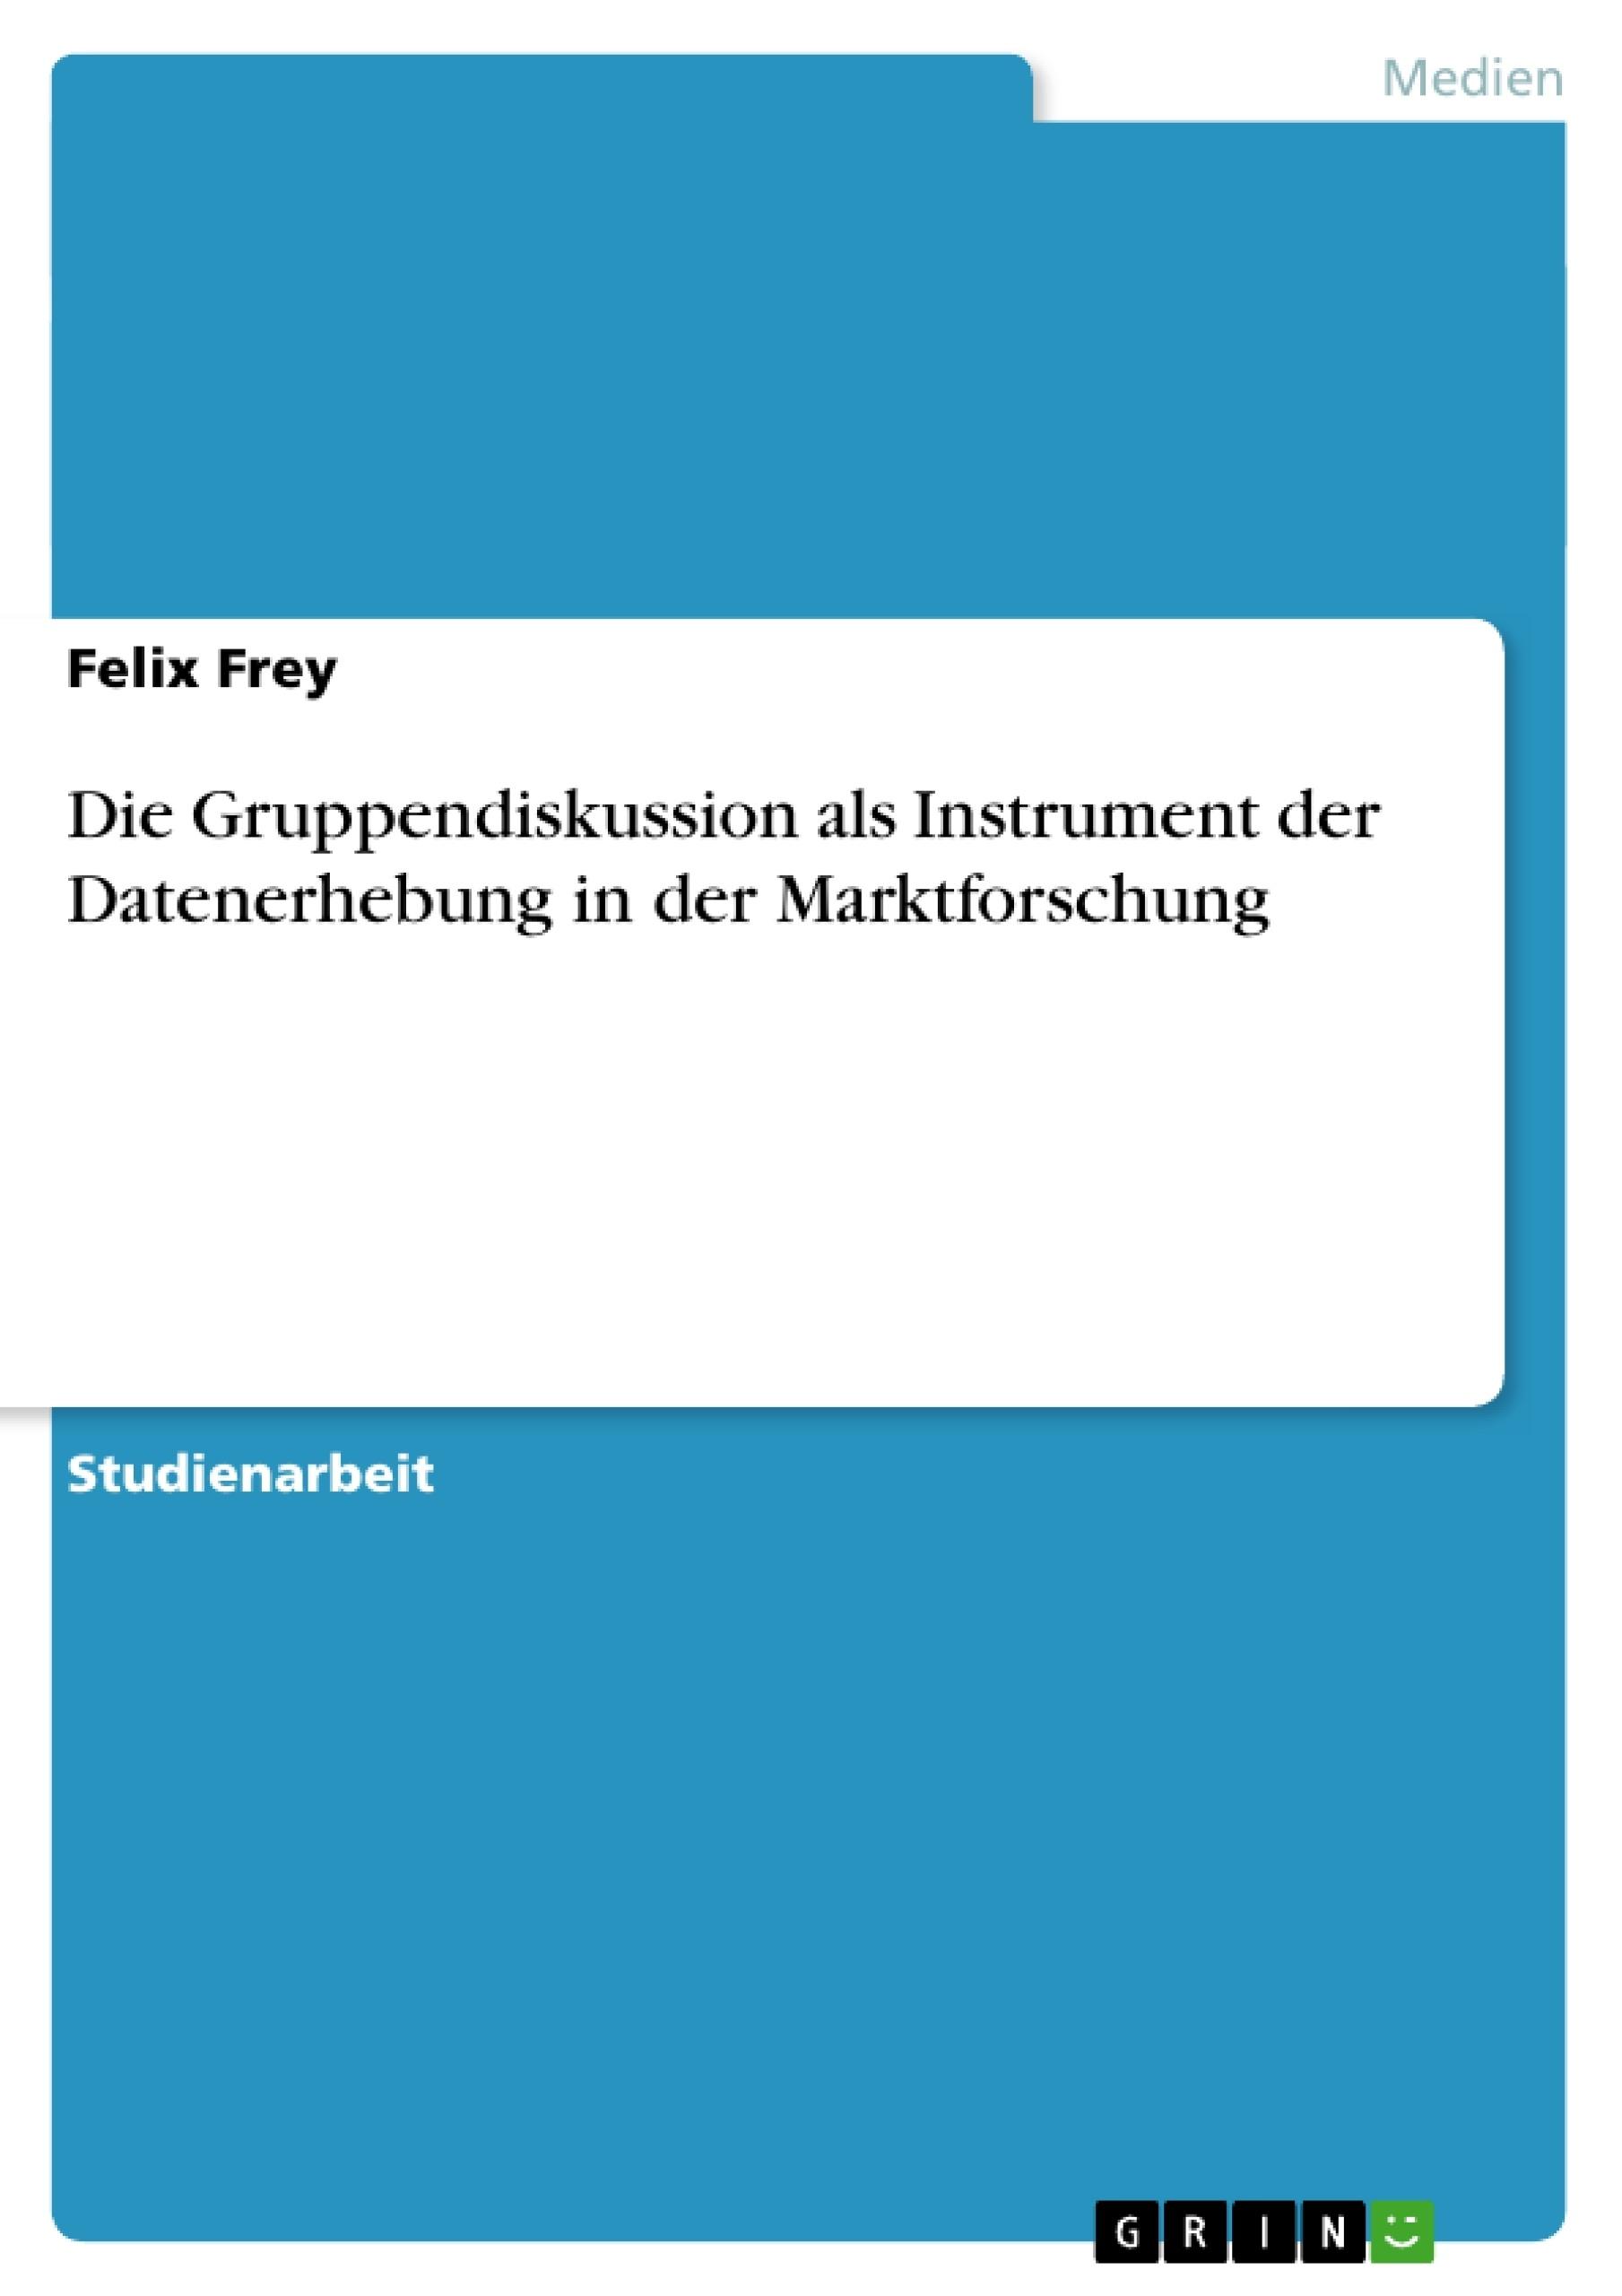 Titel: Die Gruppendiskussion als Instrument der Datenerhebung in der Marktforschung